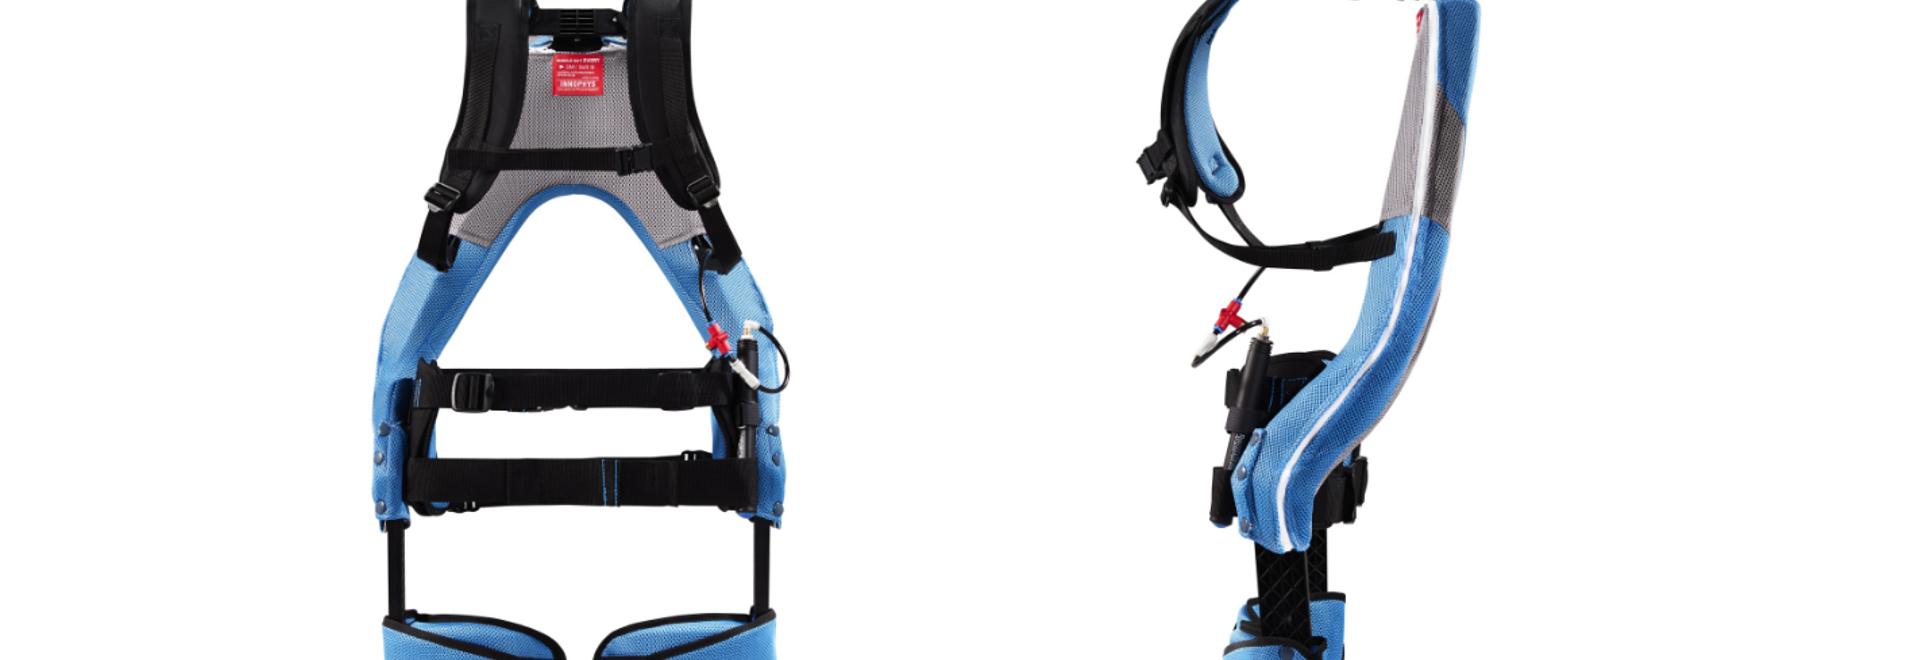 Le système utilise des muscles artificiels pneumatiques (PAM) : un muscle artificiel de type McKibben utilisant de l'air comprimé pour fournir à l'utilisateur une puissance d'assistance pouvant att...